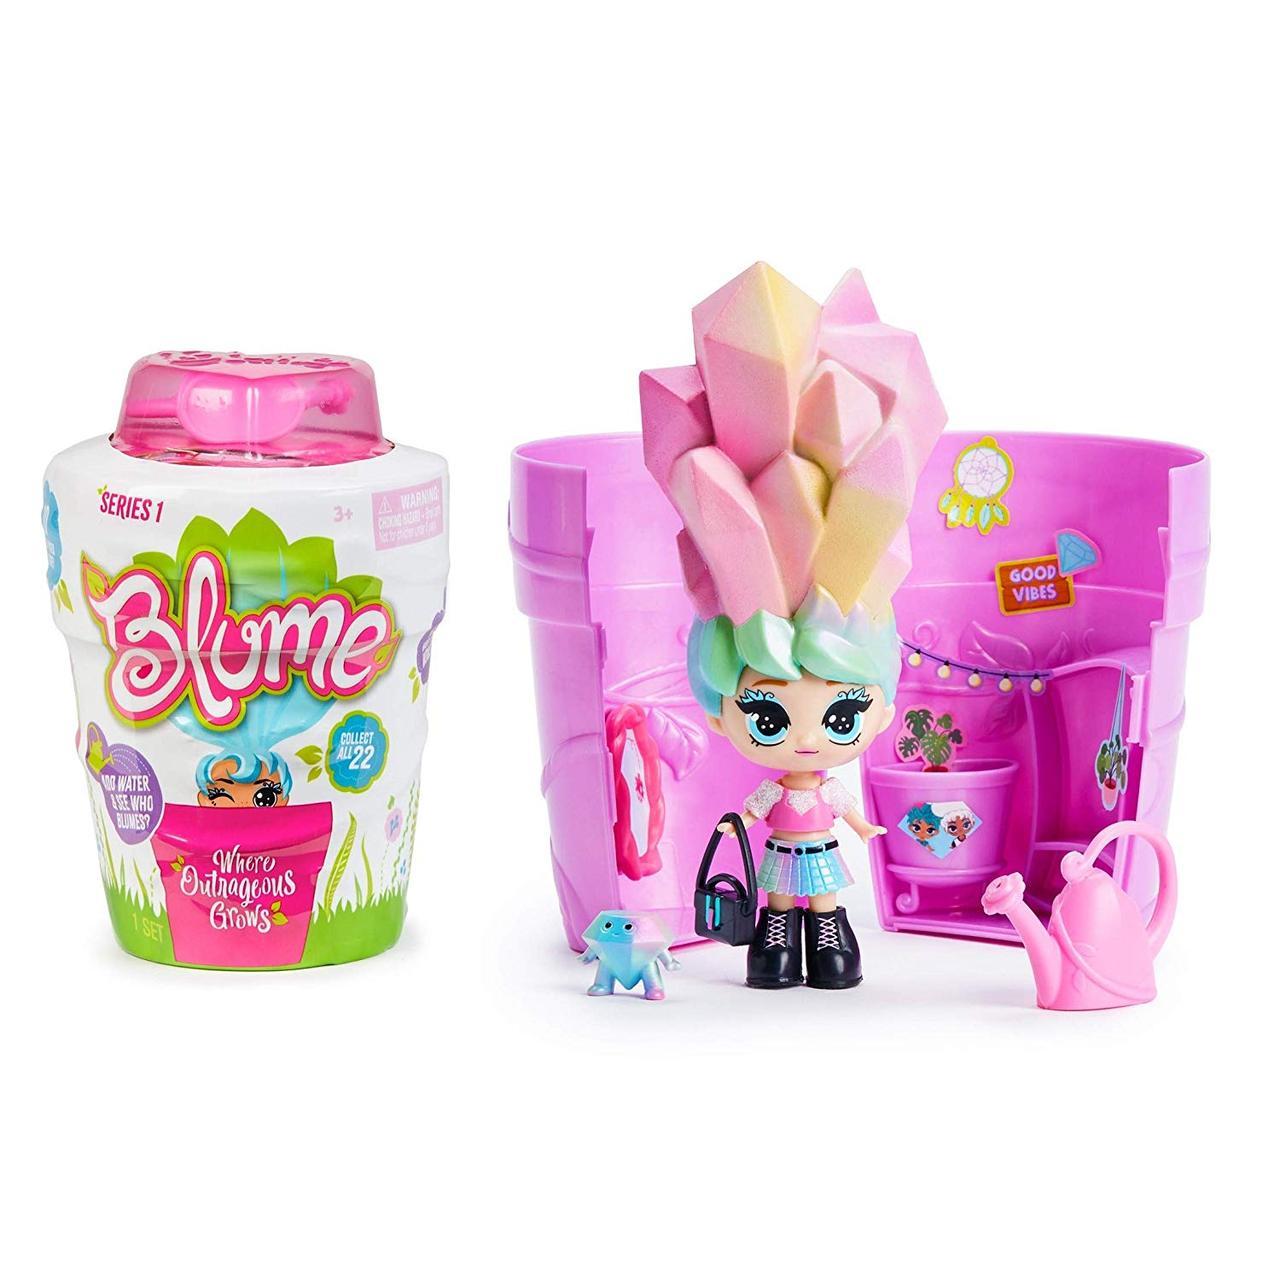 Набор сюрприз с куклой Блум. Skyrocket Blume Doll. Оригинал из США